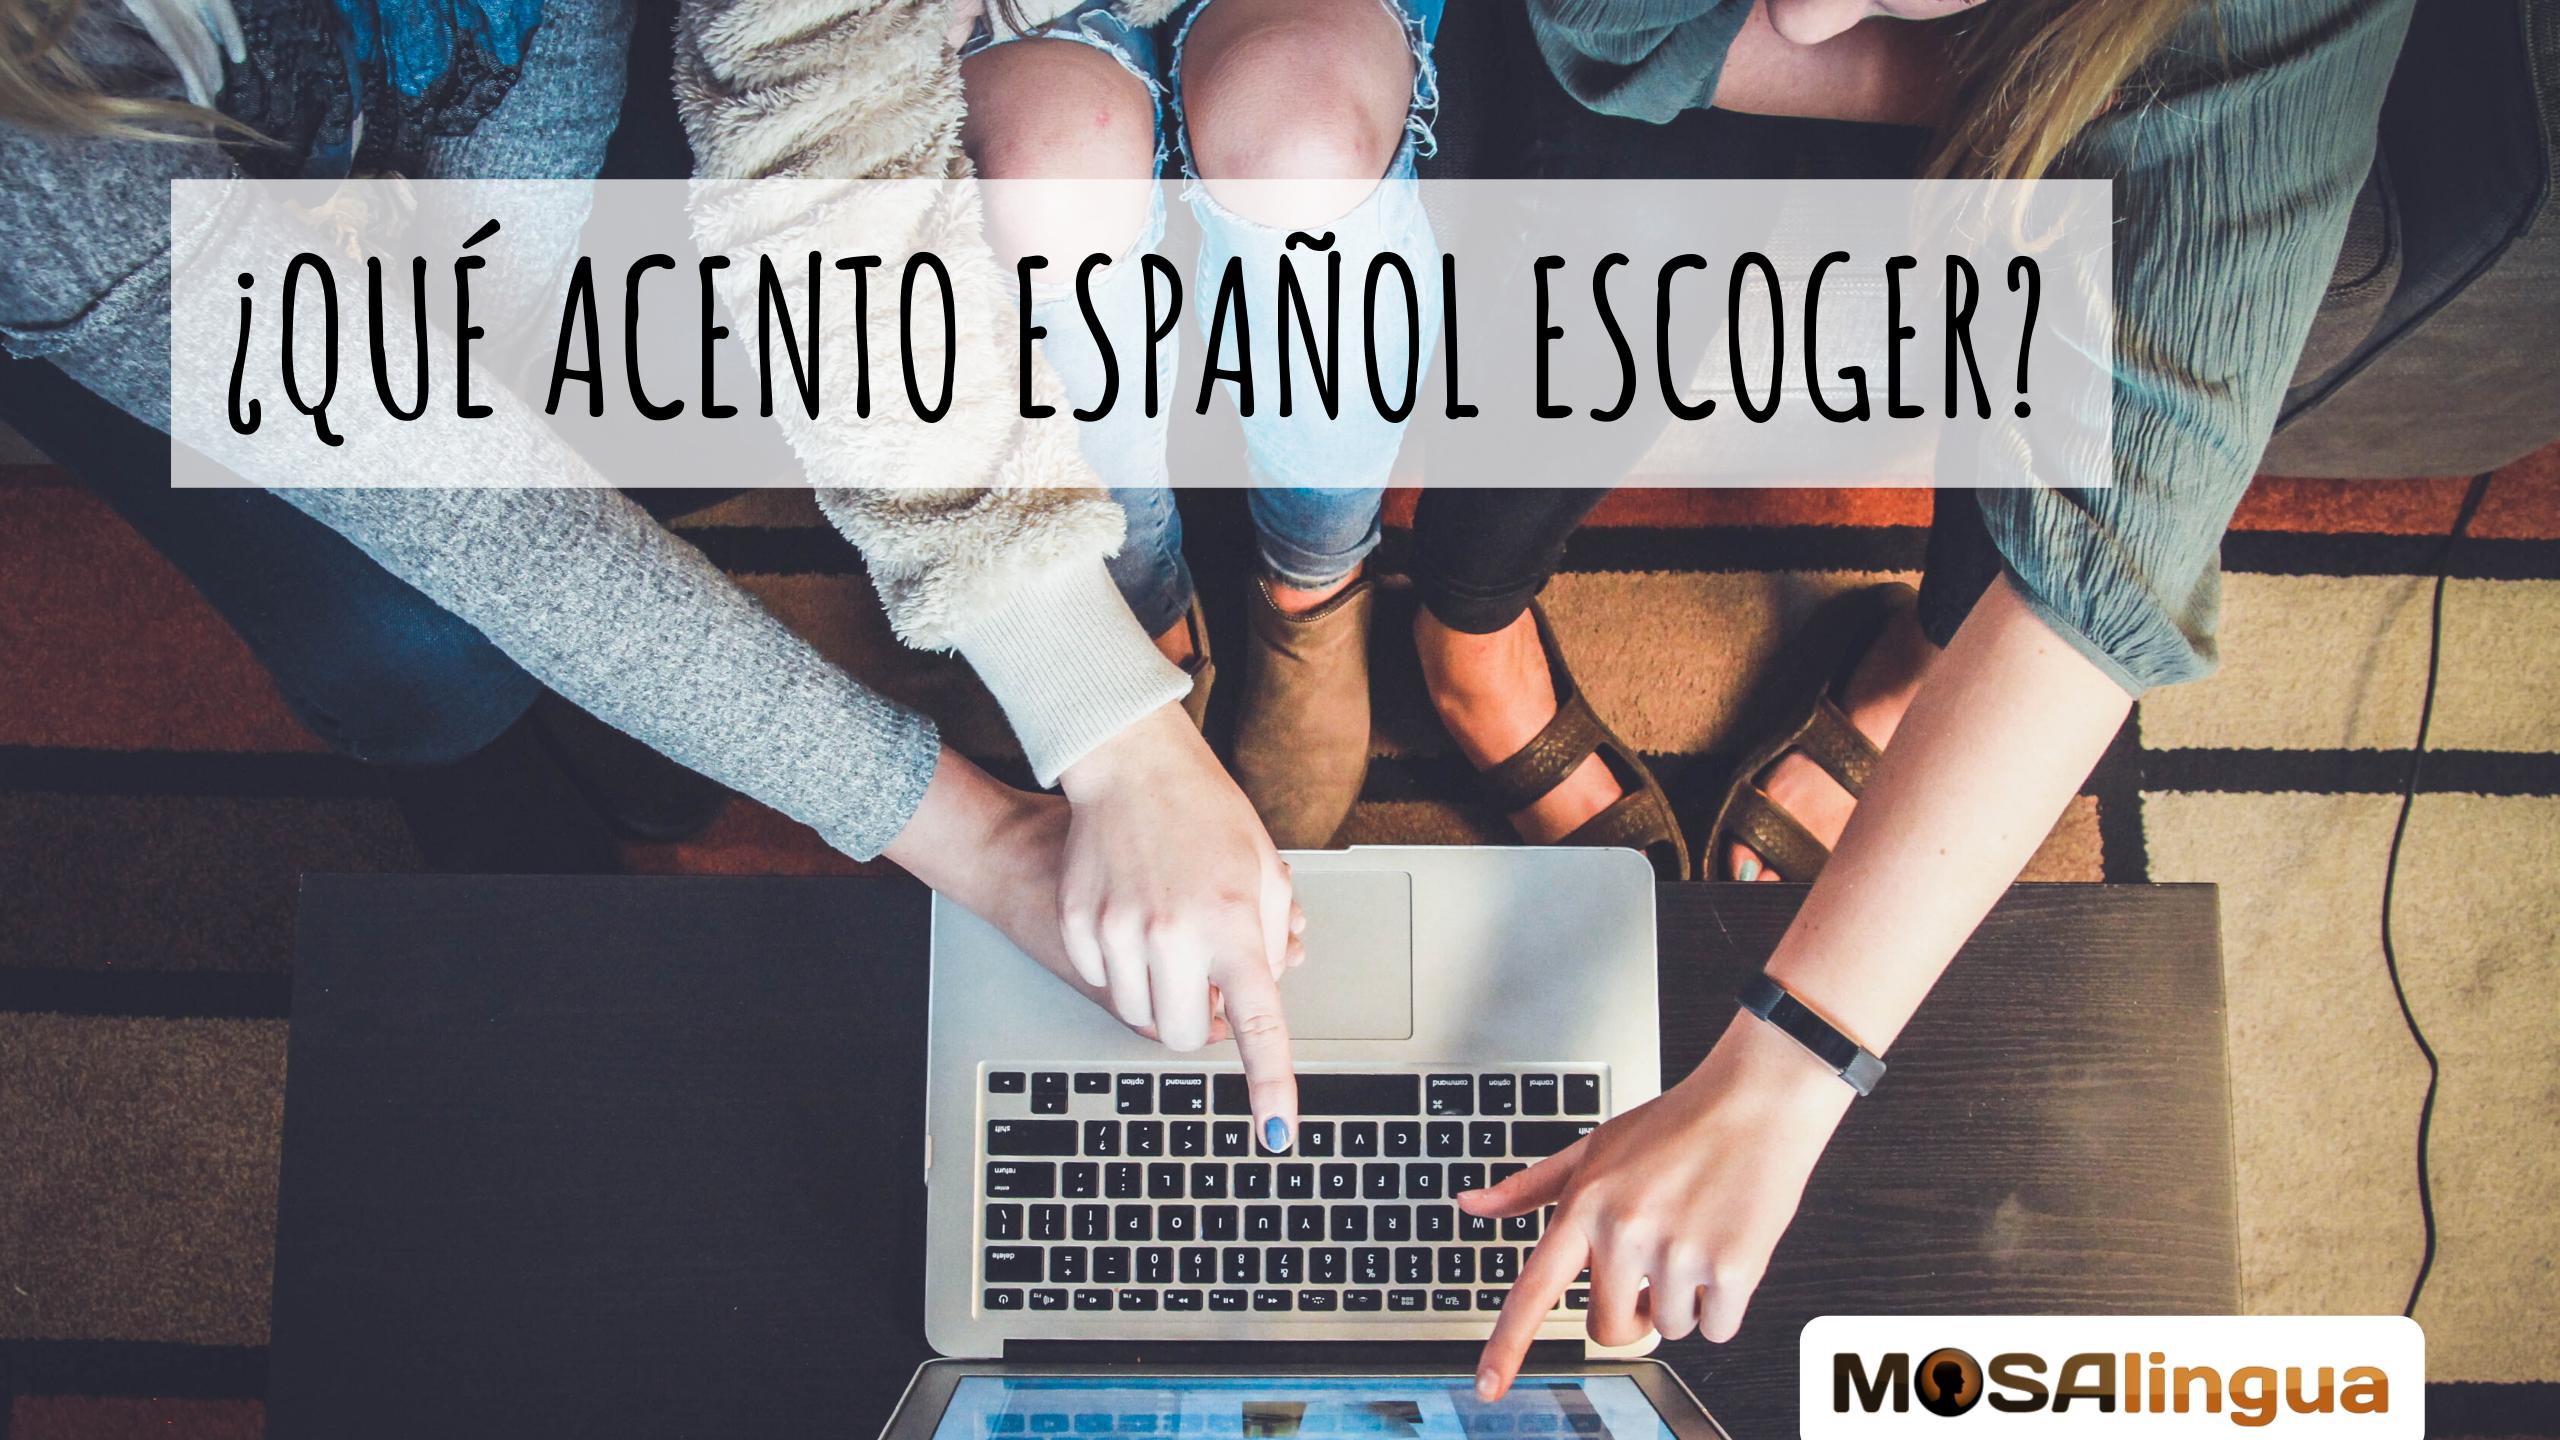 Acentos Del Español Cómo Escoger El Mejor Vídeo Mosalingua